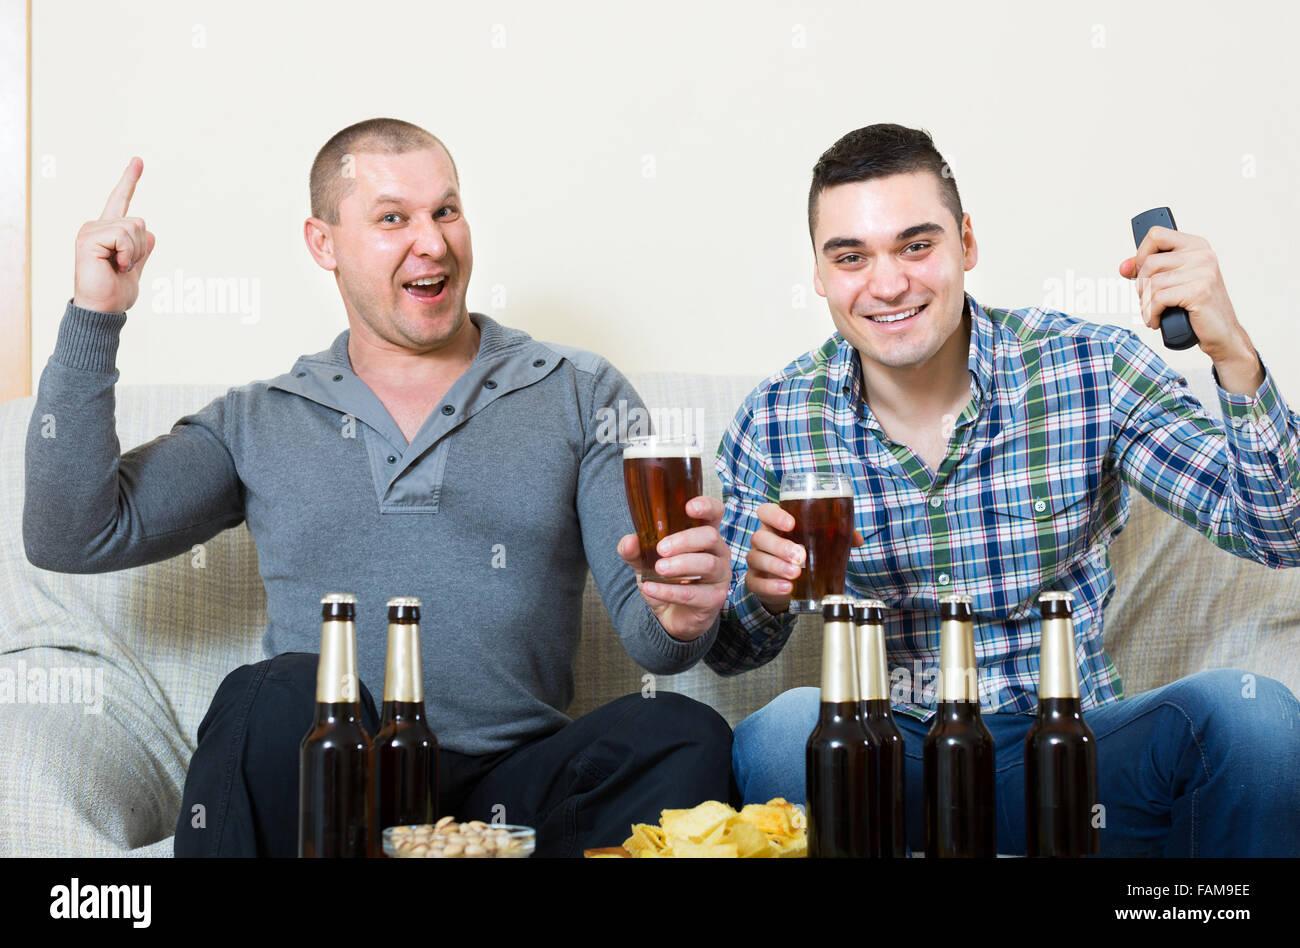 Фотографии двух взрослых мужчин фото 282-958